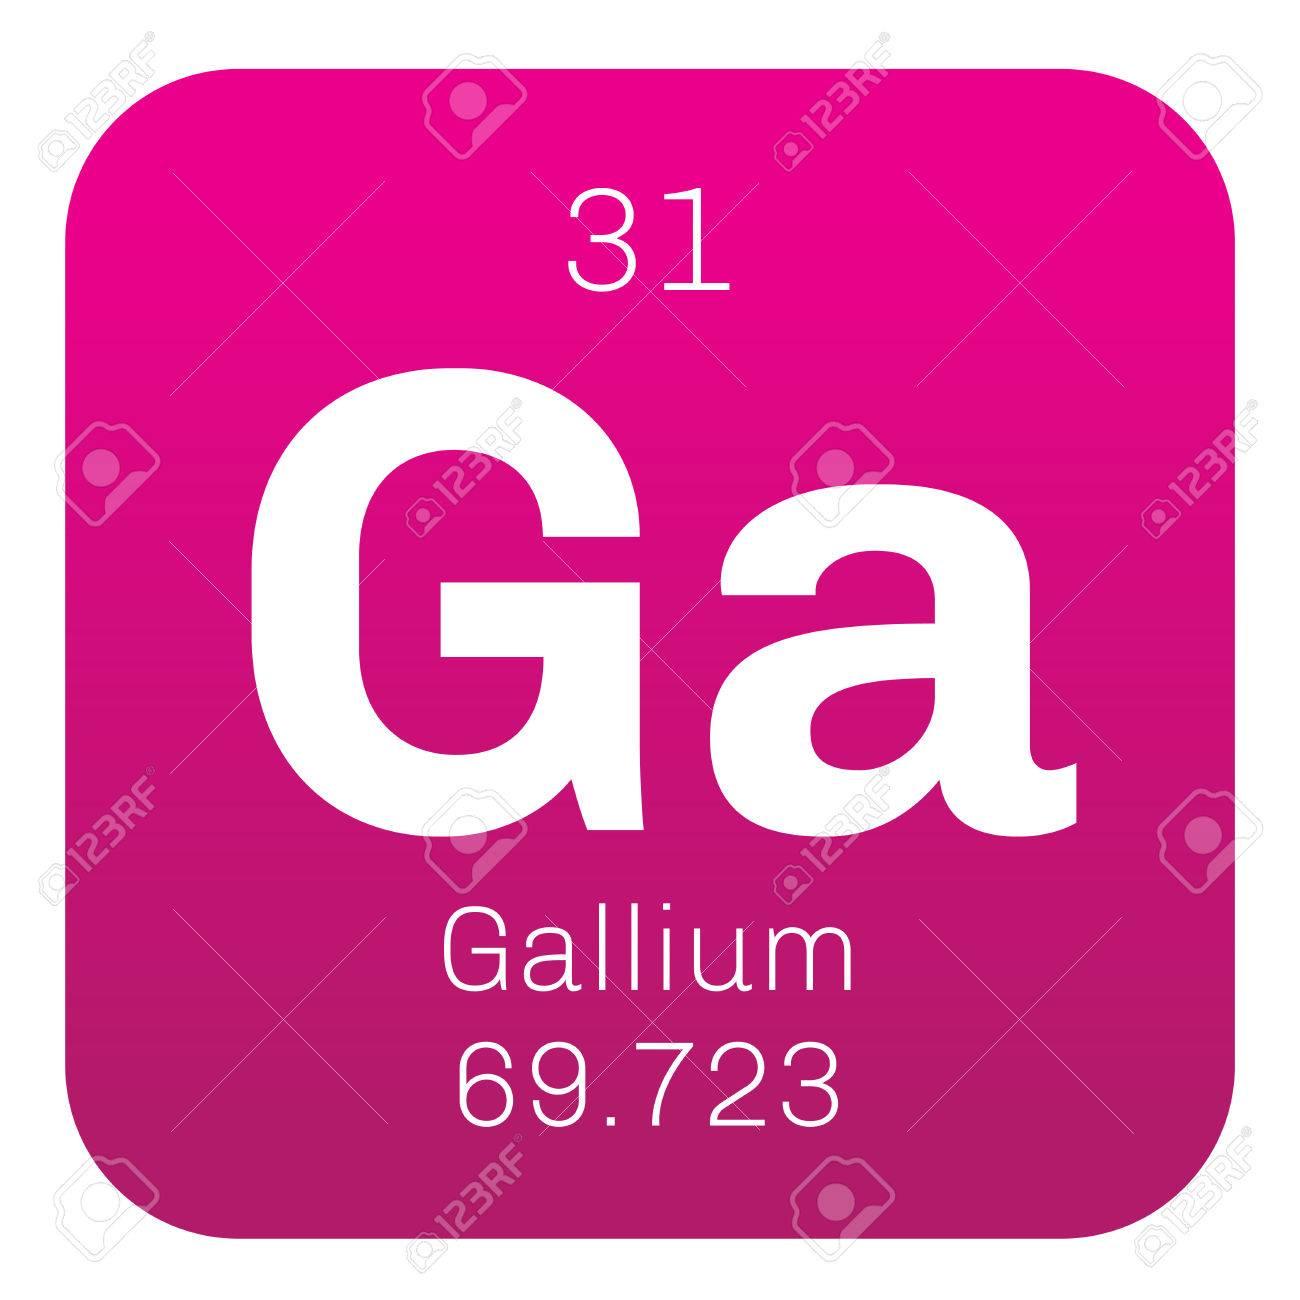 El galio elemento qumico utilizado en la electrnica icono de el galio elemento qumico utilizado en la electrnica icono de color con el nmero urtaz Choice Image